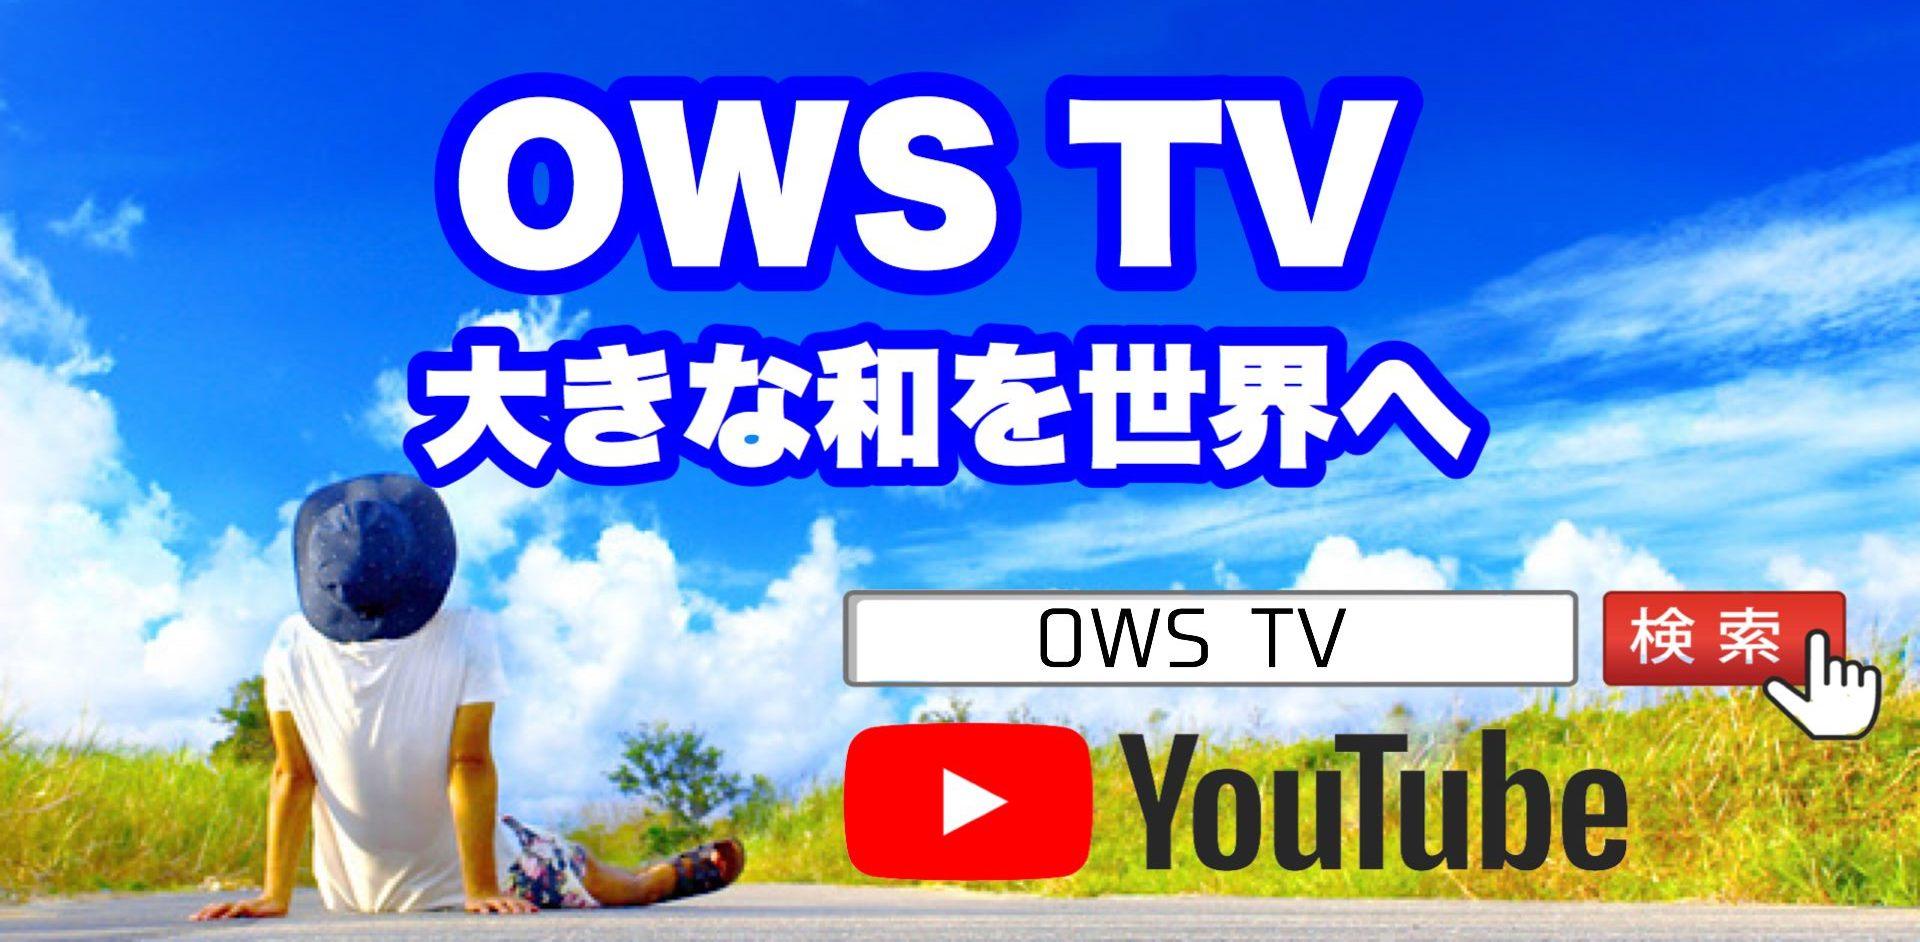 ☆ 大きな和を世界へ(OWS) ☆